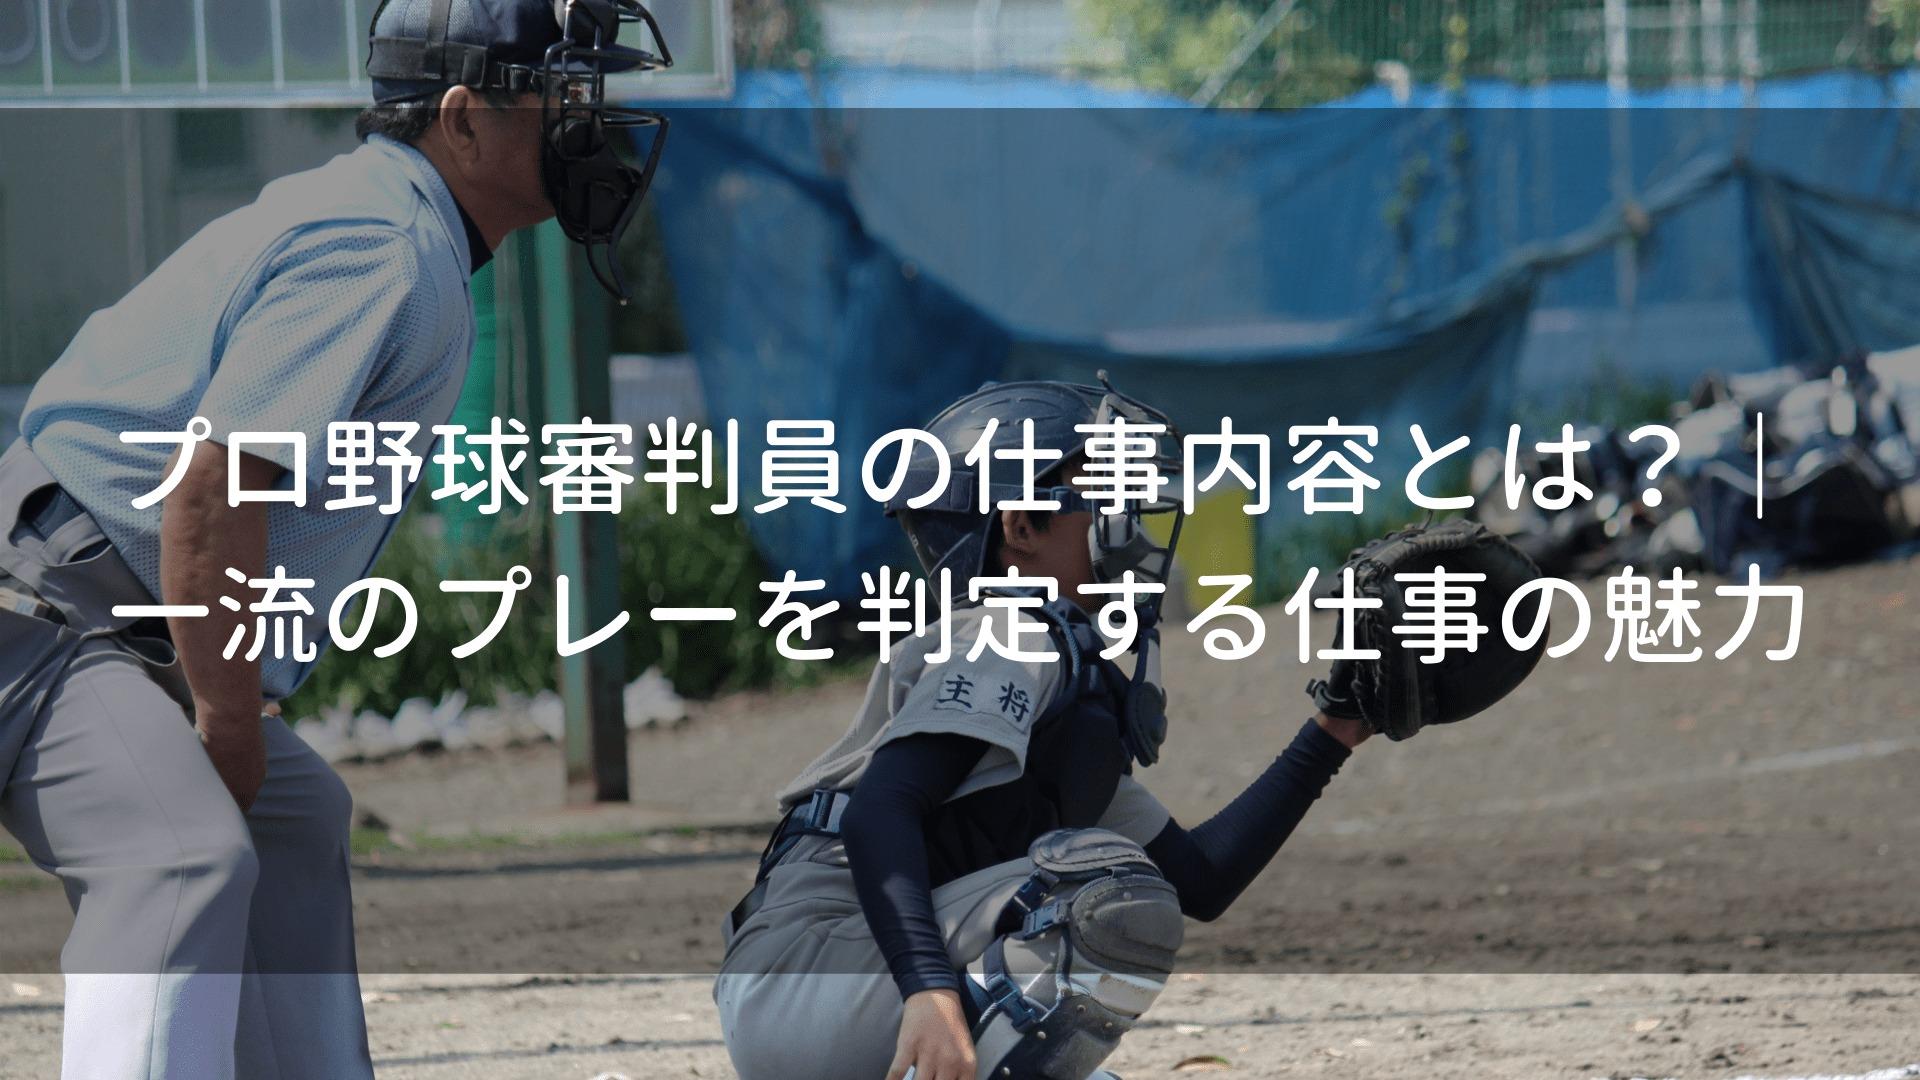 プロ野球審判員の仕事内容とは?|一流のプレーを判定する仕事の魅力のアイキャッチ